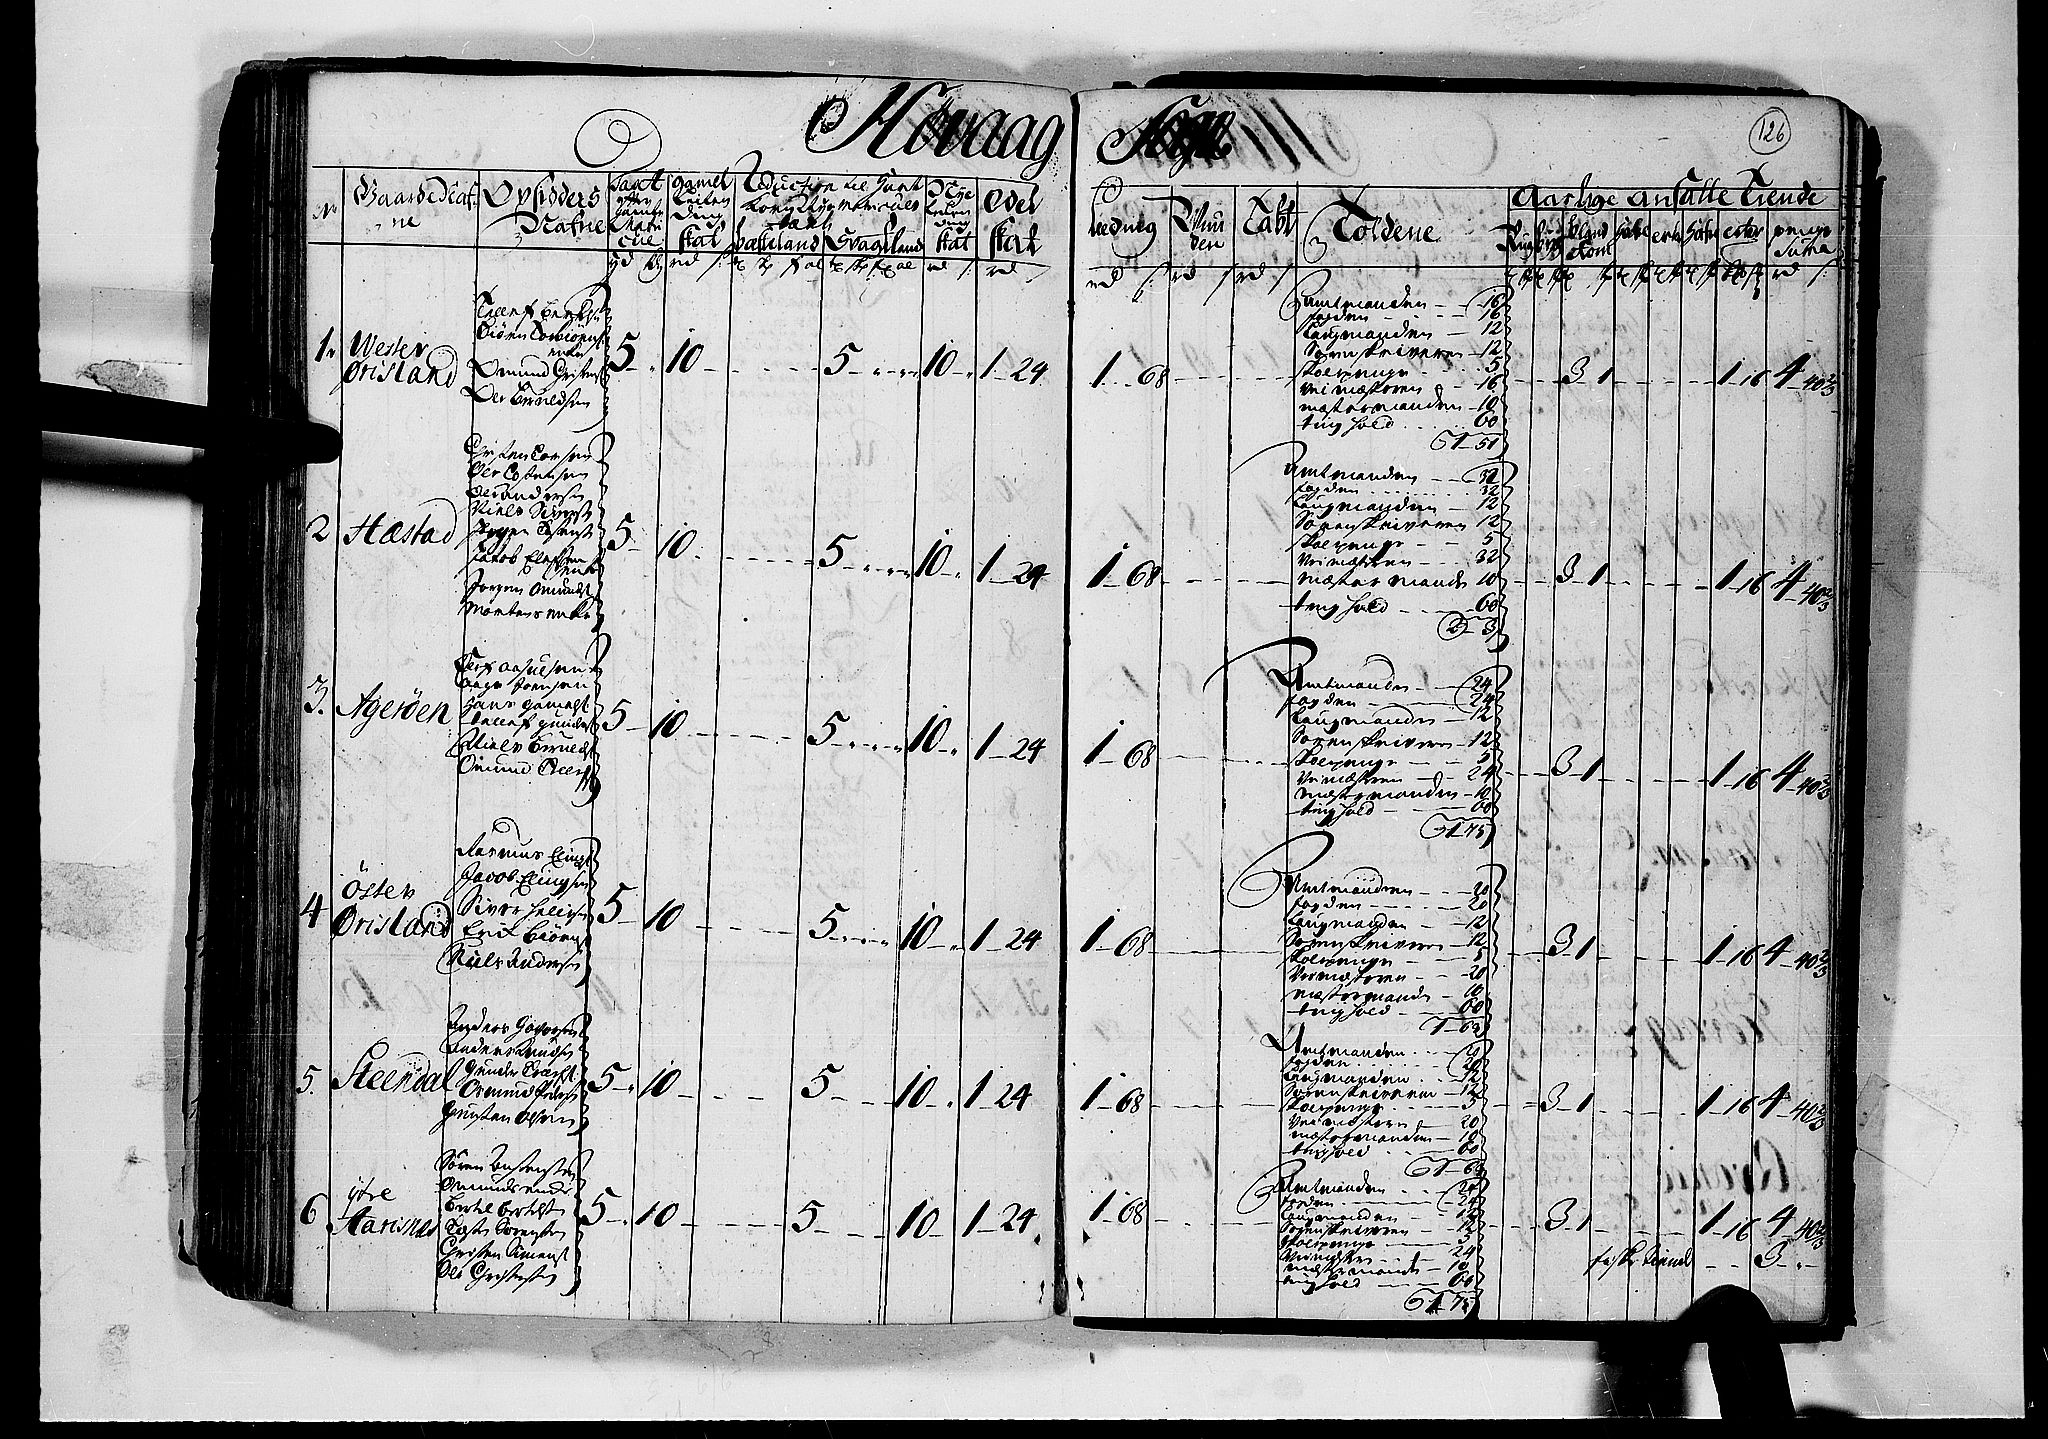 RA, Rentekammeret inntil 1814, Realistisk ordnet avdeling, N/Nb/Nbf/L0124: Nedenes matrikkelprotokoll, 1723, s. 125b-126a